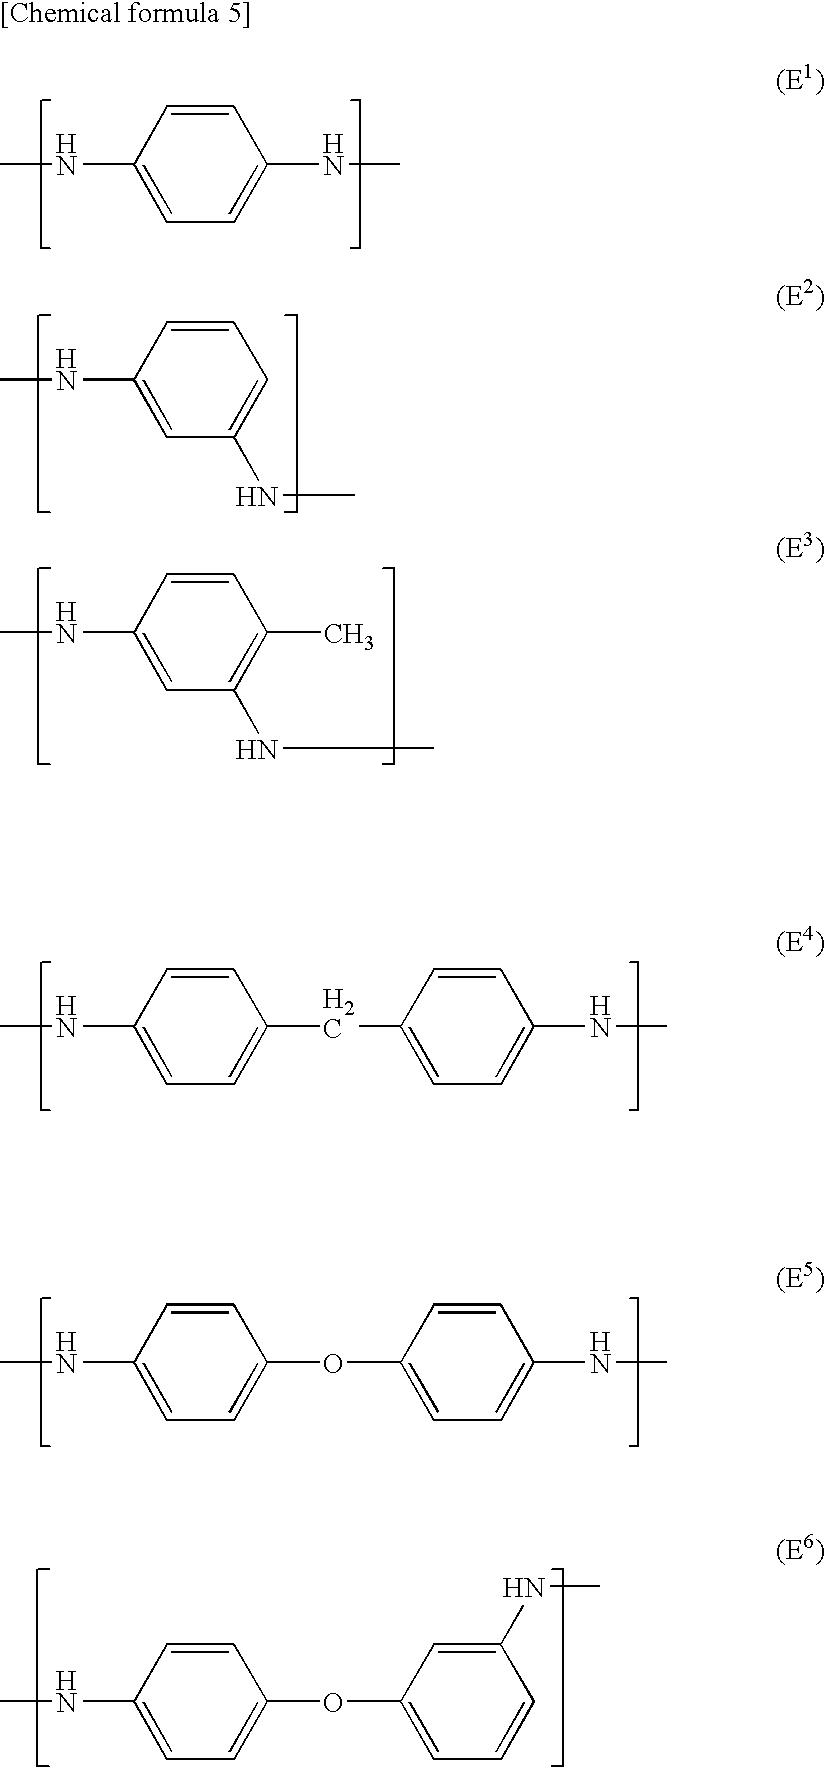 Figure US20070077416A1-20070405-C00005